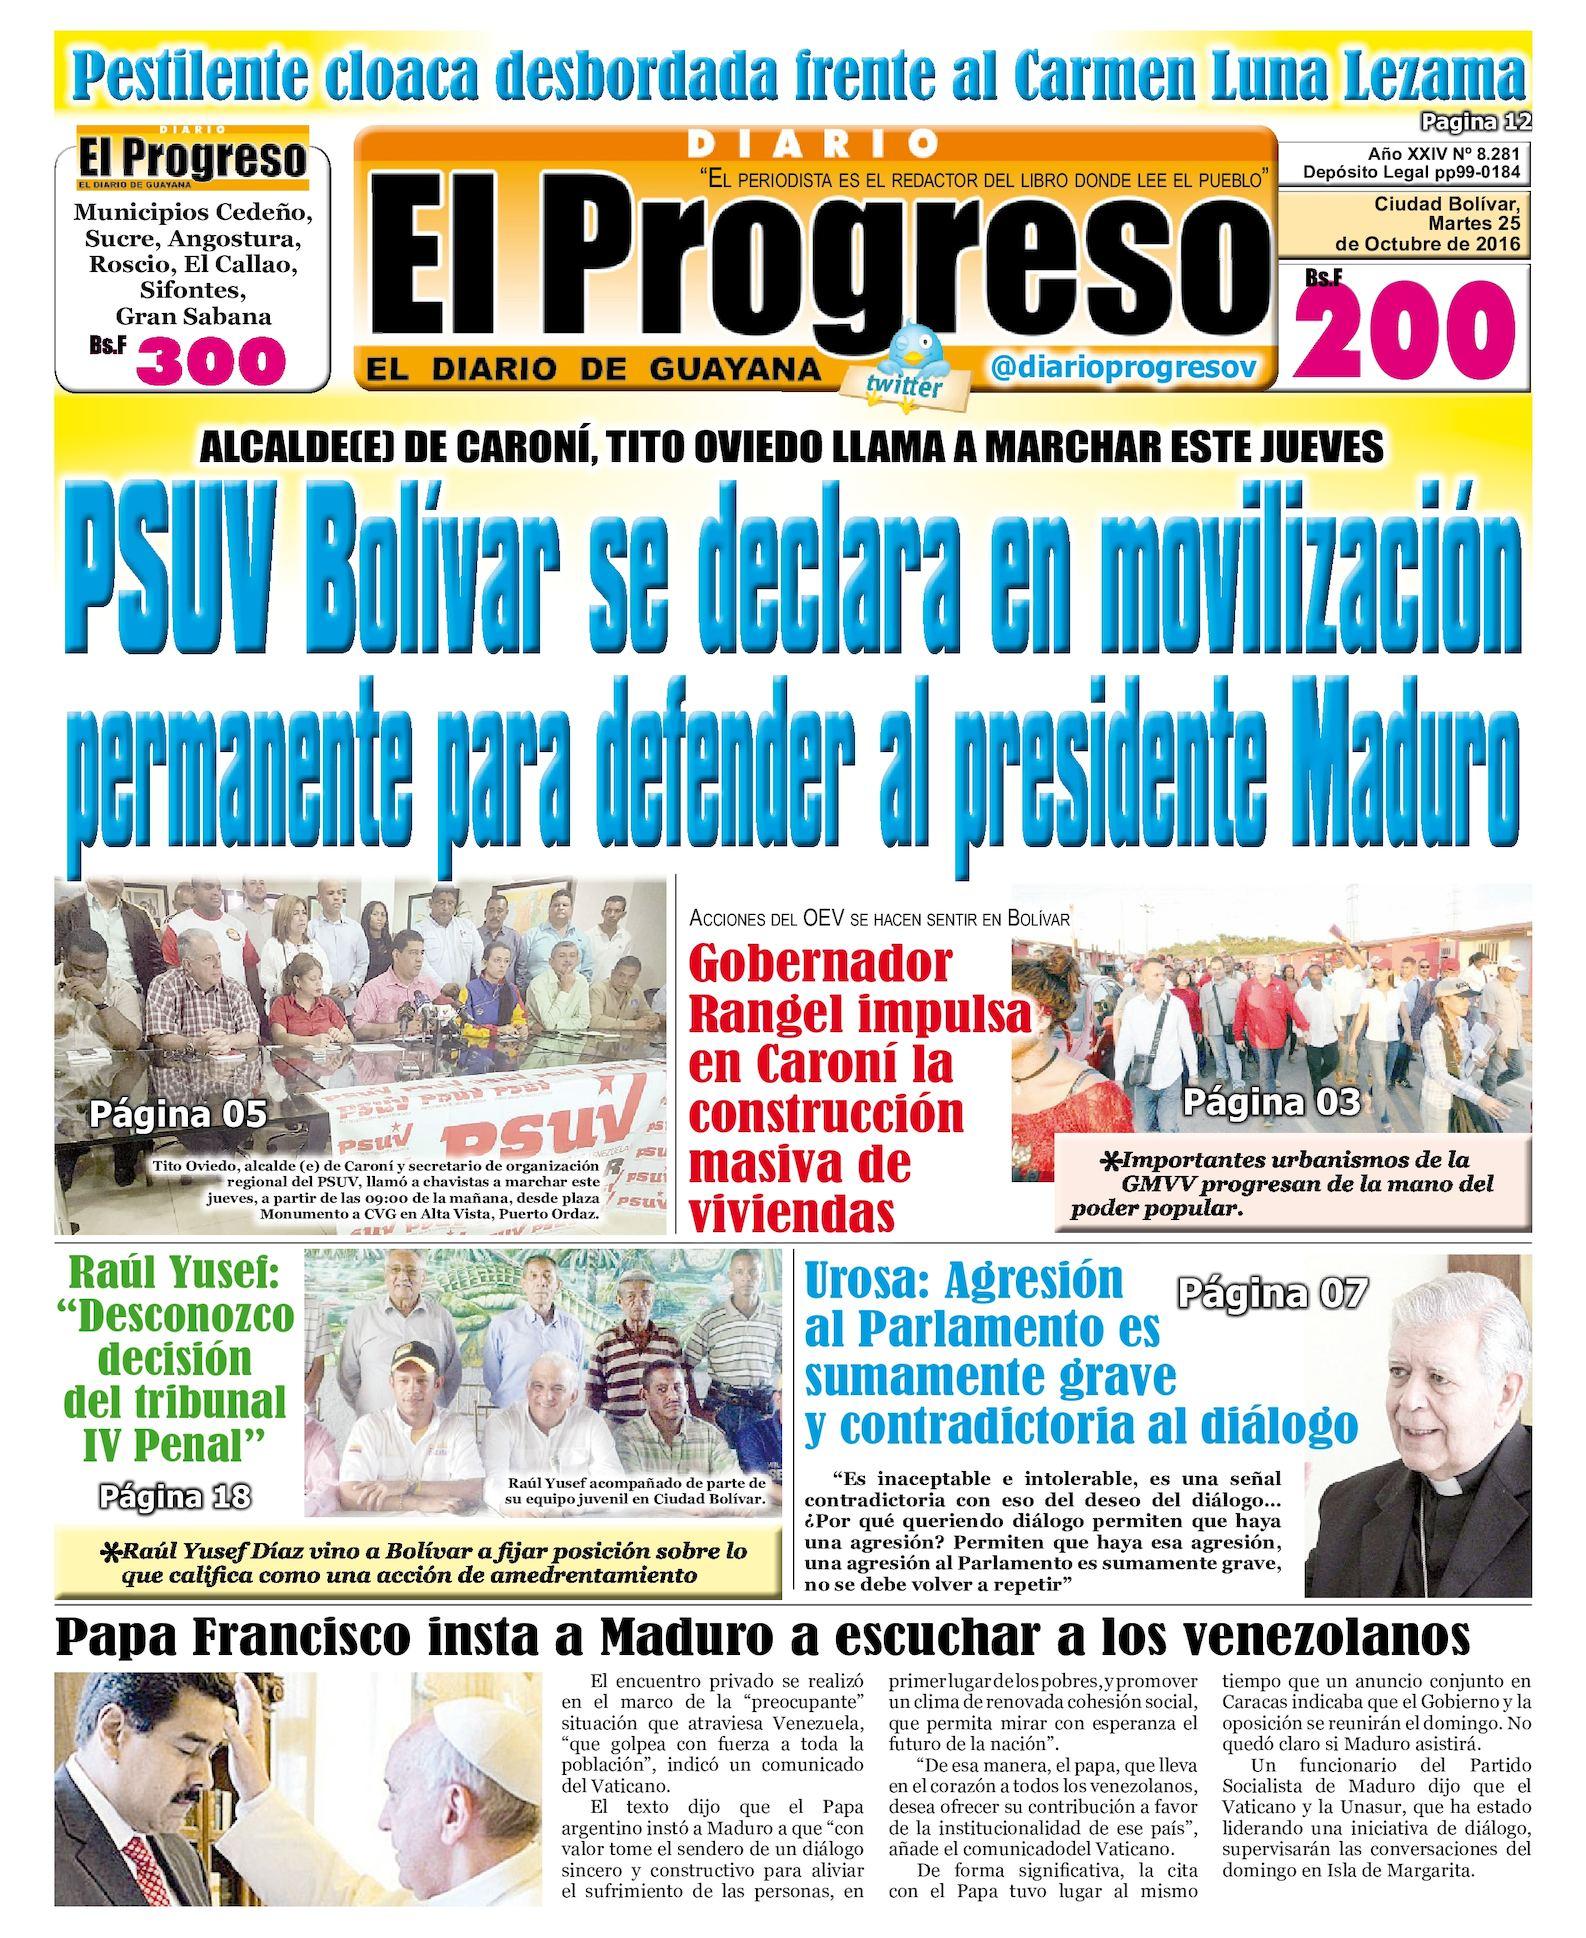 35ec31a93 Calaméo - Diarioelprogreso2016 10 25